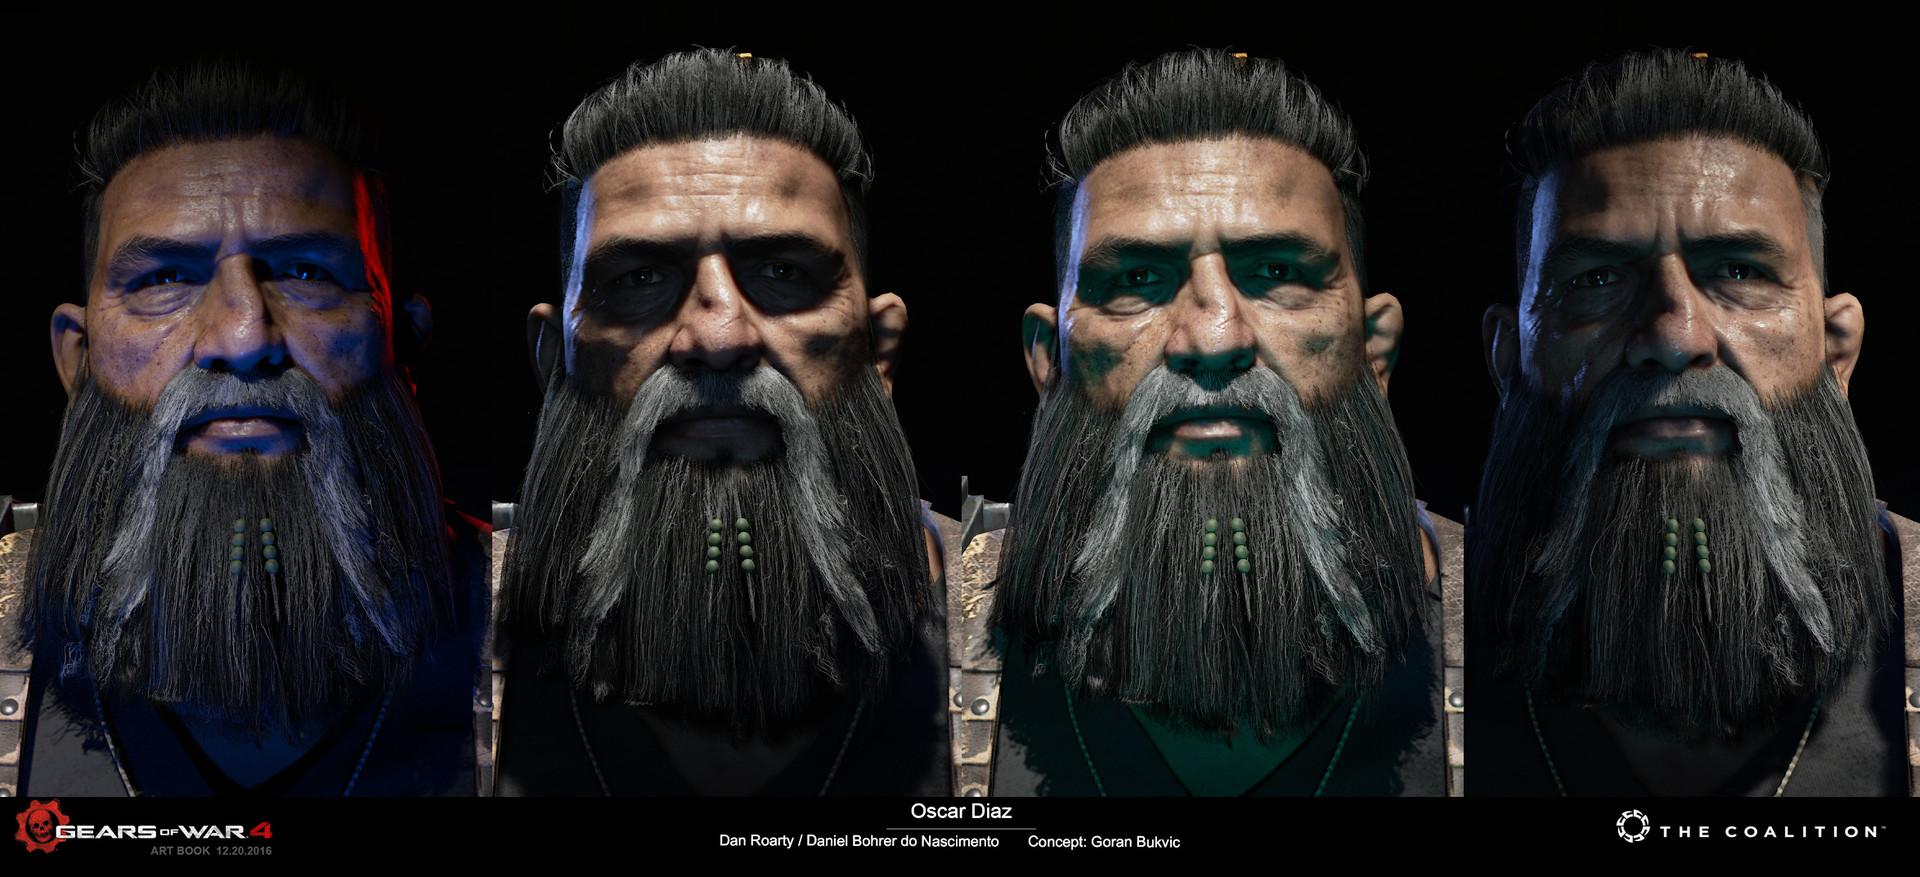 Dan Roarty Oscar Diaz Gears Of War 4